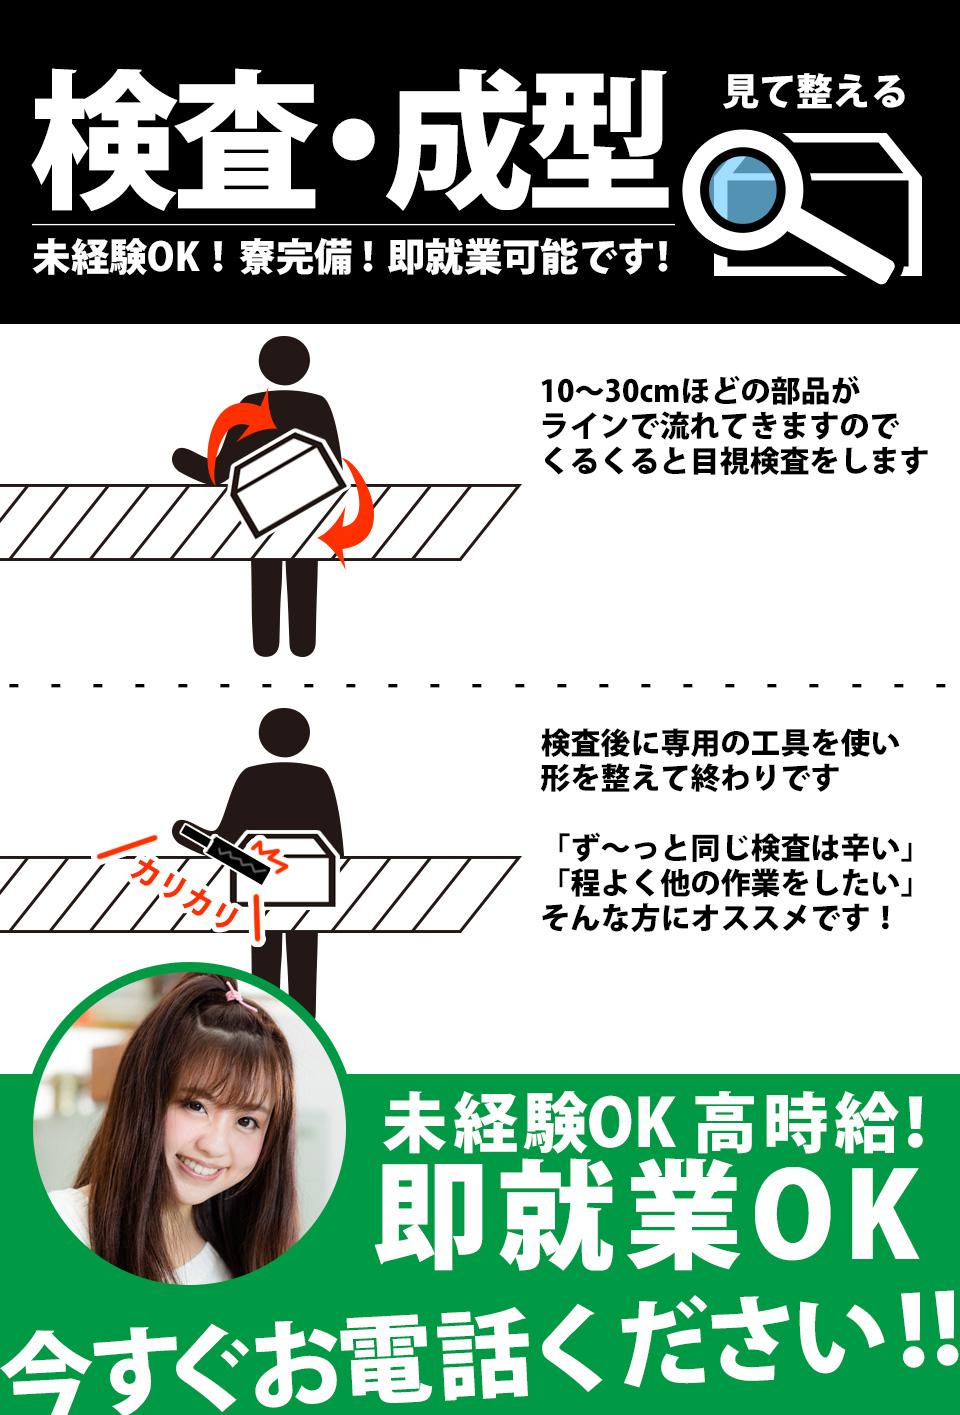 目視検査・成型 愛知県西尾市の派遣社員求人